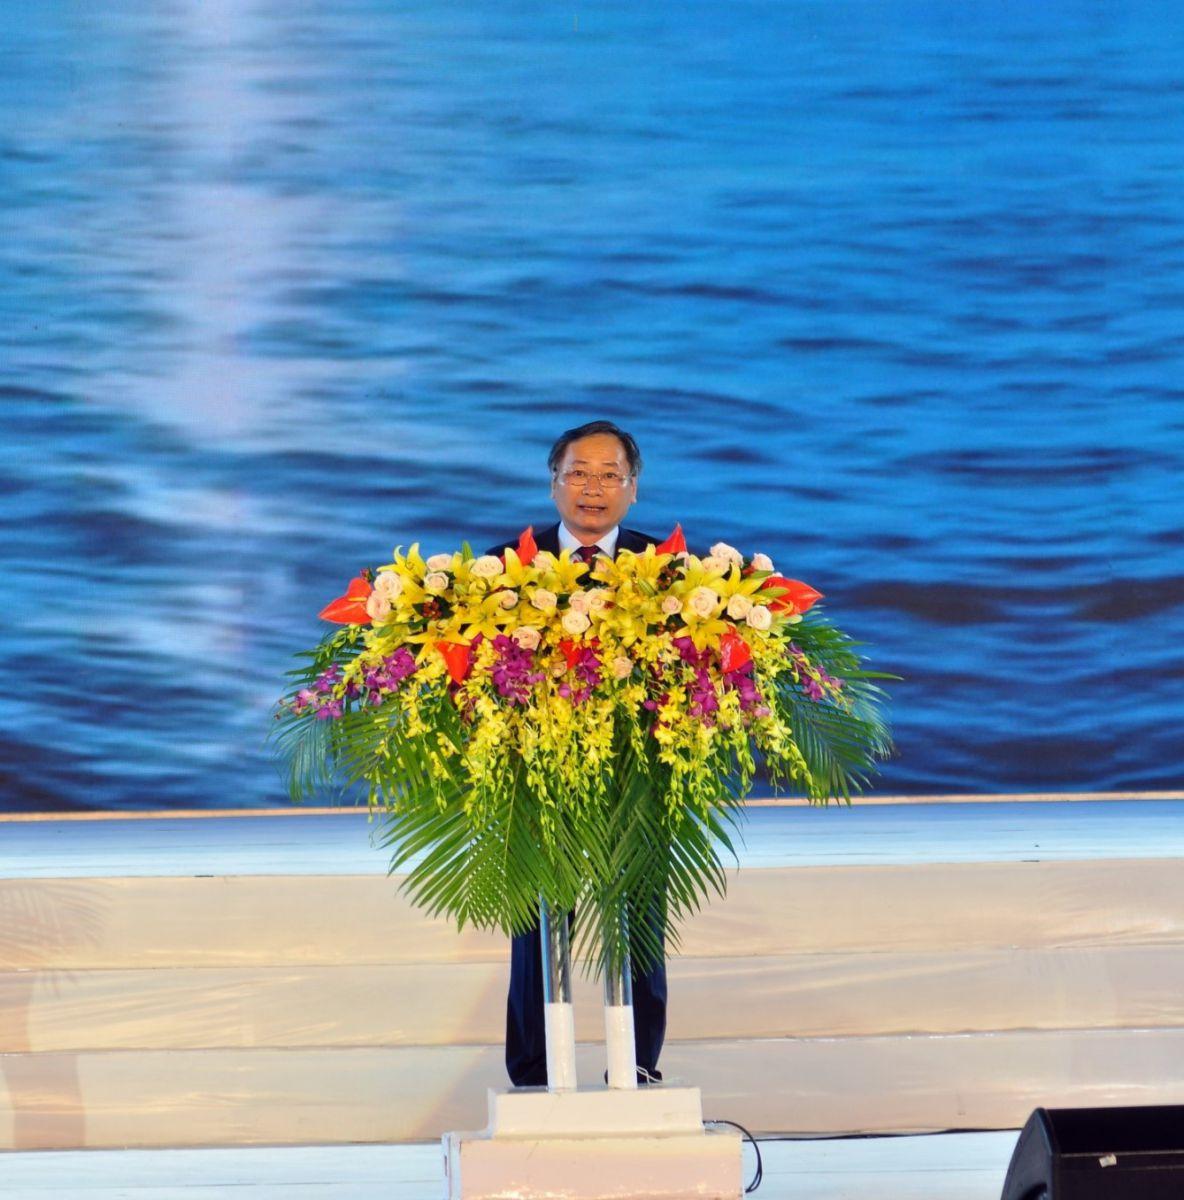 ông Nguyễn Đắc Tài –UV Ban Thường vụ Tỉnh ủy, Phó Chủ tịch UBND tỉnh – P. Trưởng Ban Tổ chức Năm Du lịch Quốc gia 2019 và Festival Biển Nha Trang- Khánh Hòa tuyên bố bế mạc Festival Biển Nha Trang – Khánh Hoà 2019.